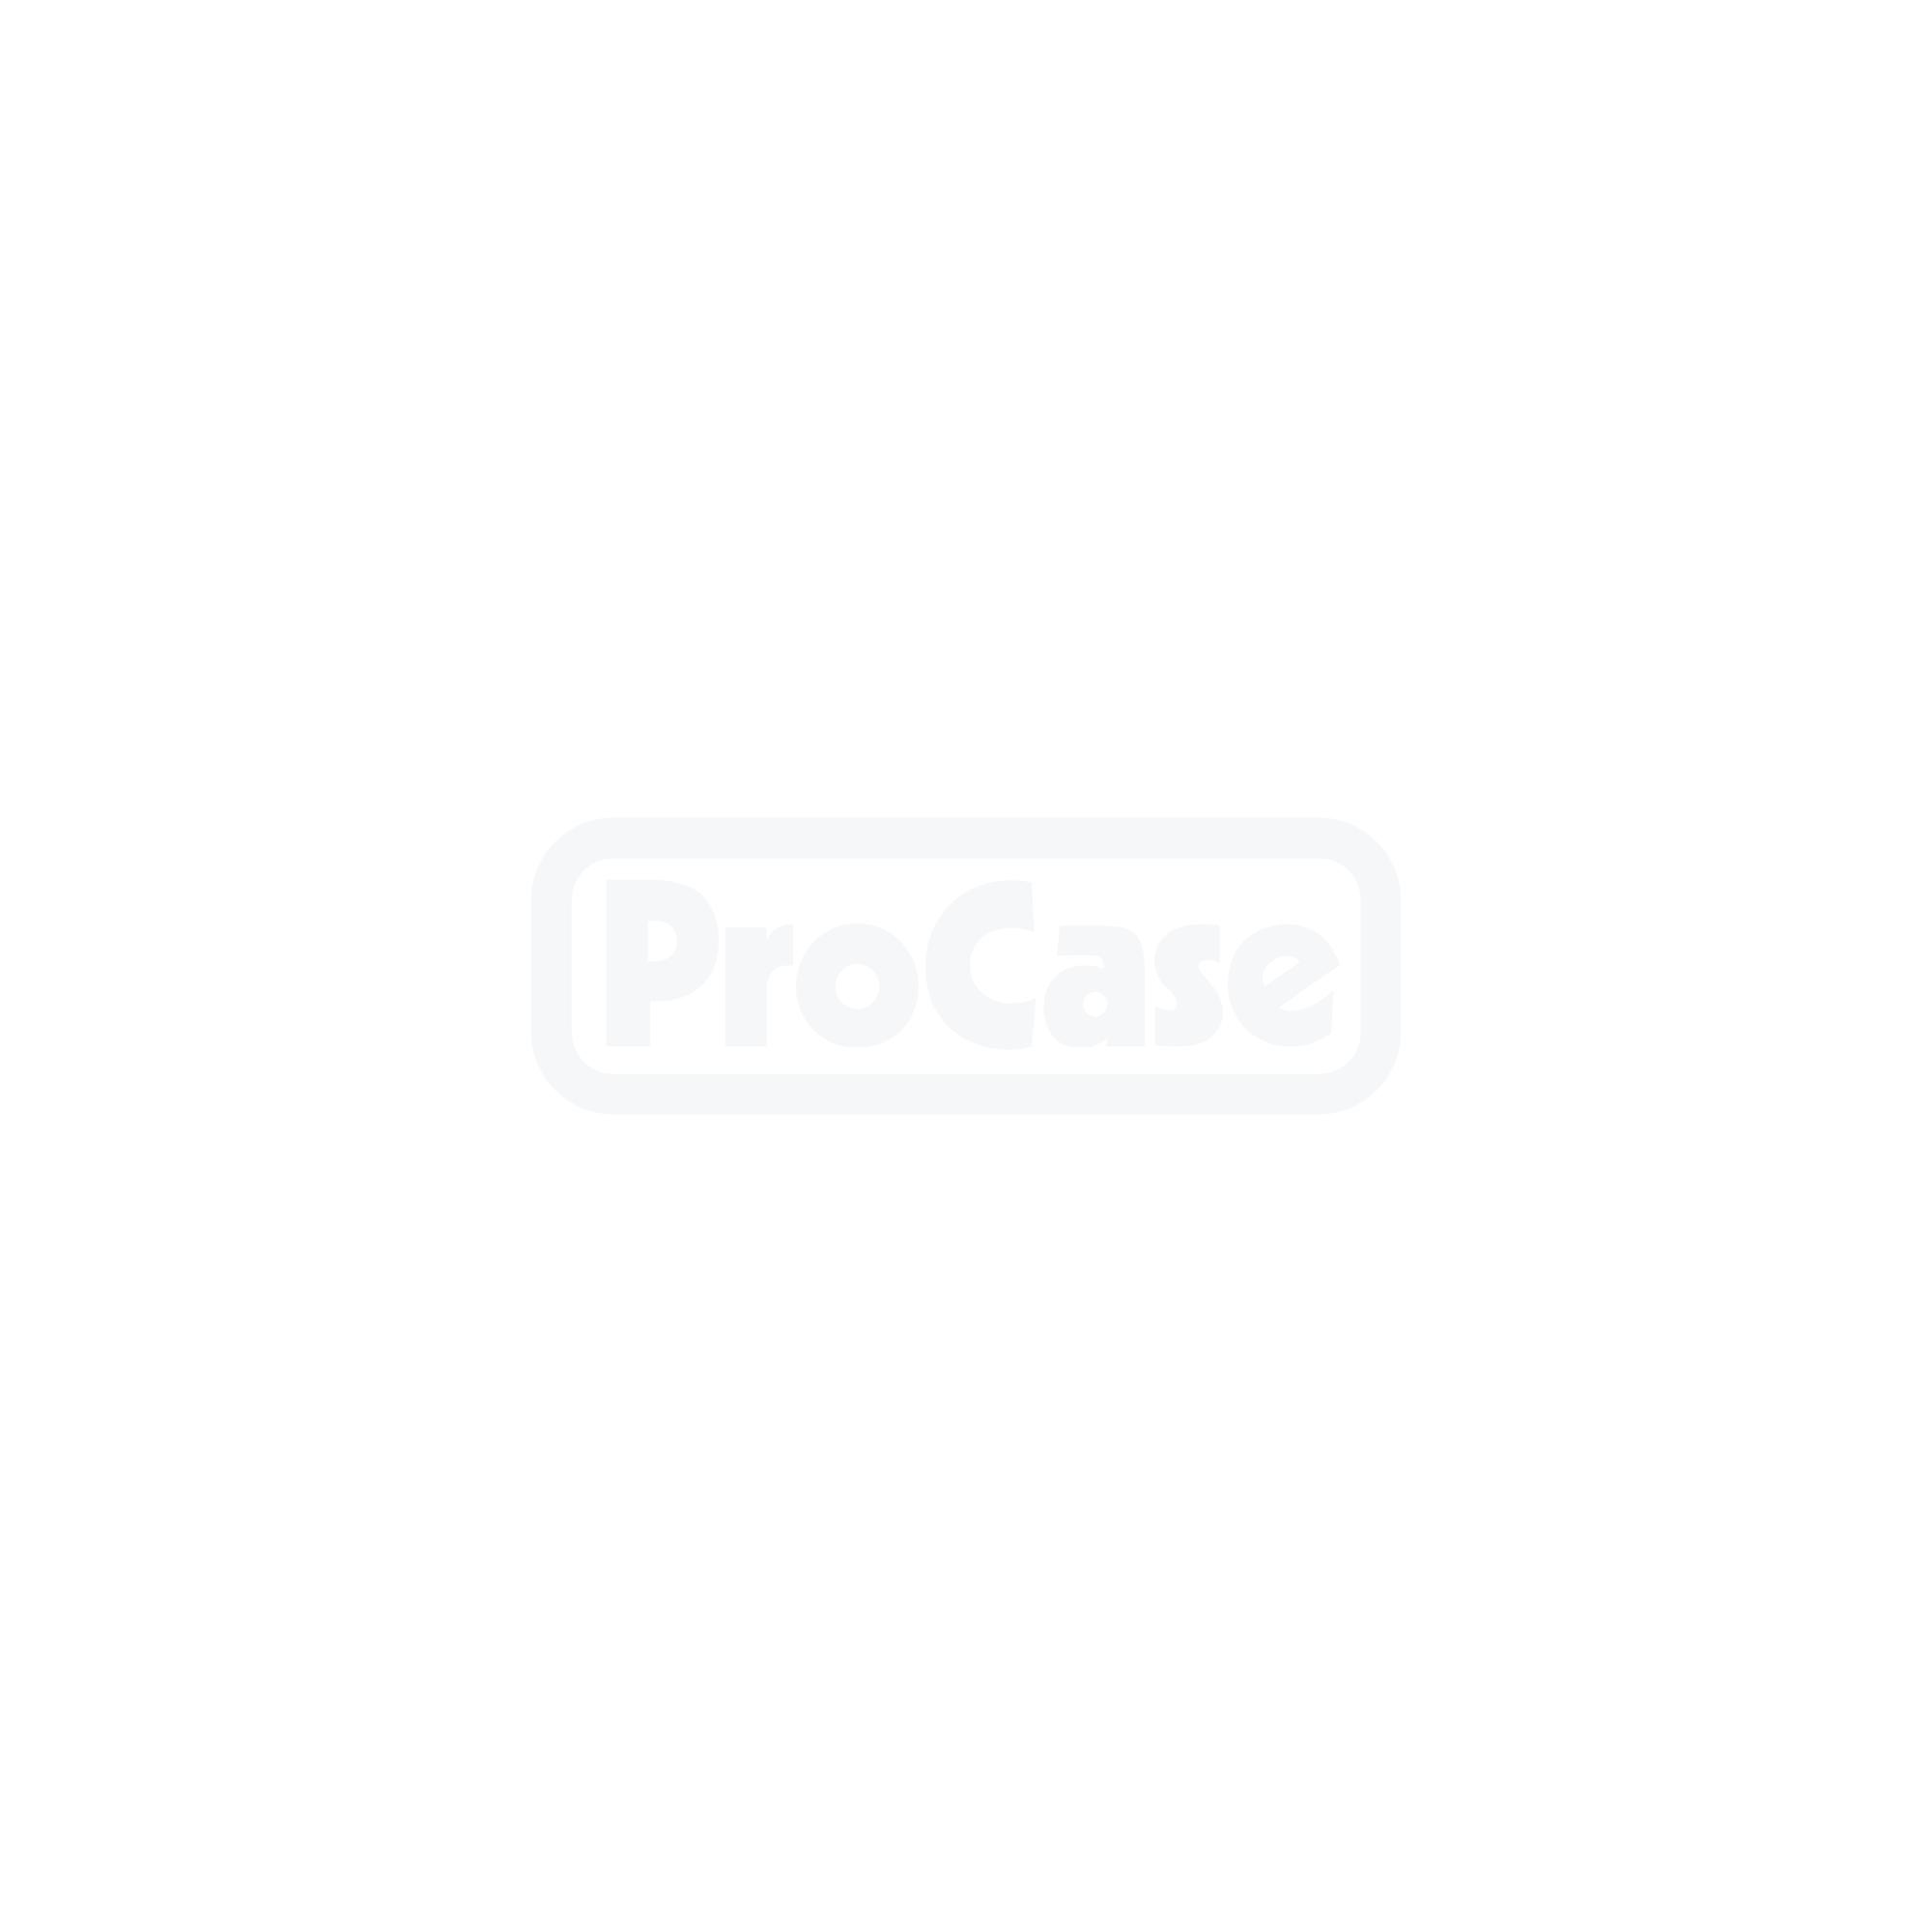 19 Zoll Tragschiene 369 mm für Amptiefe